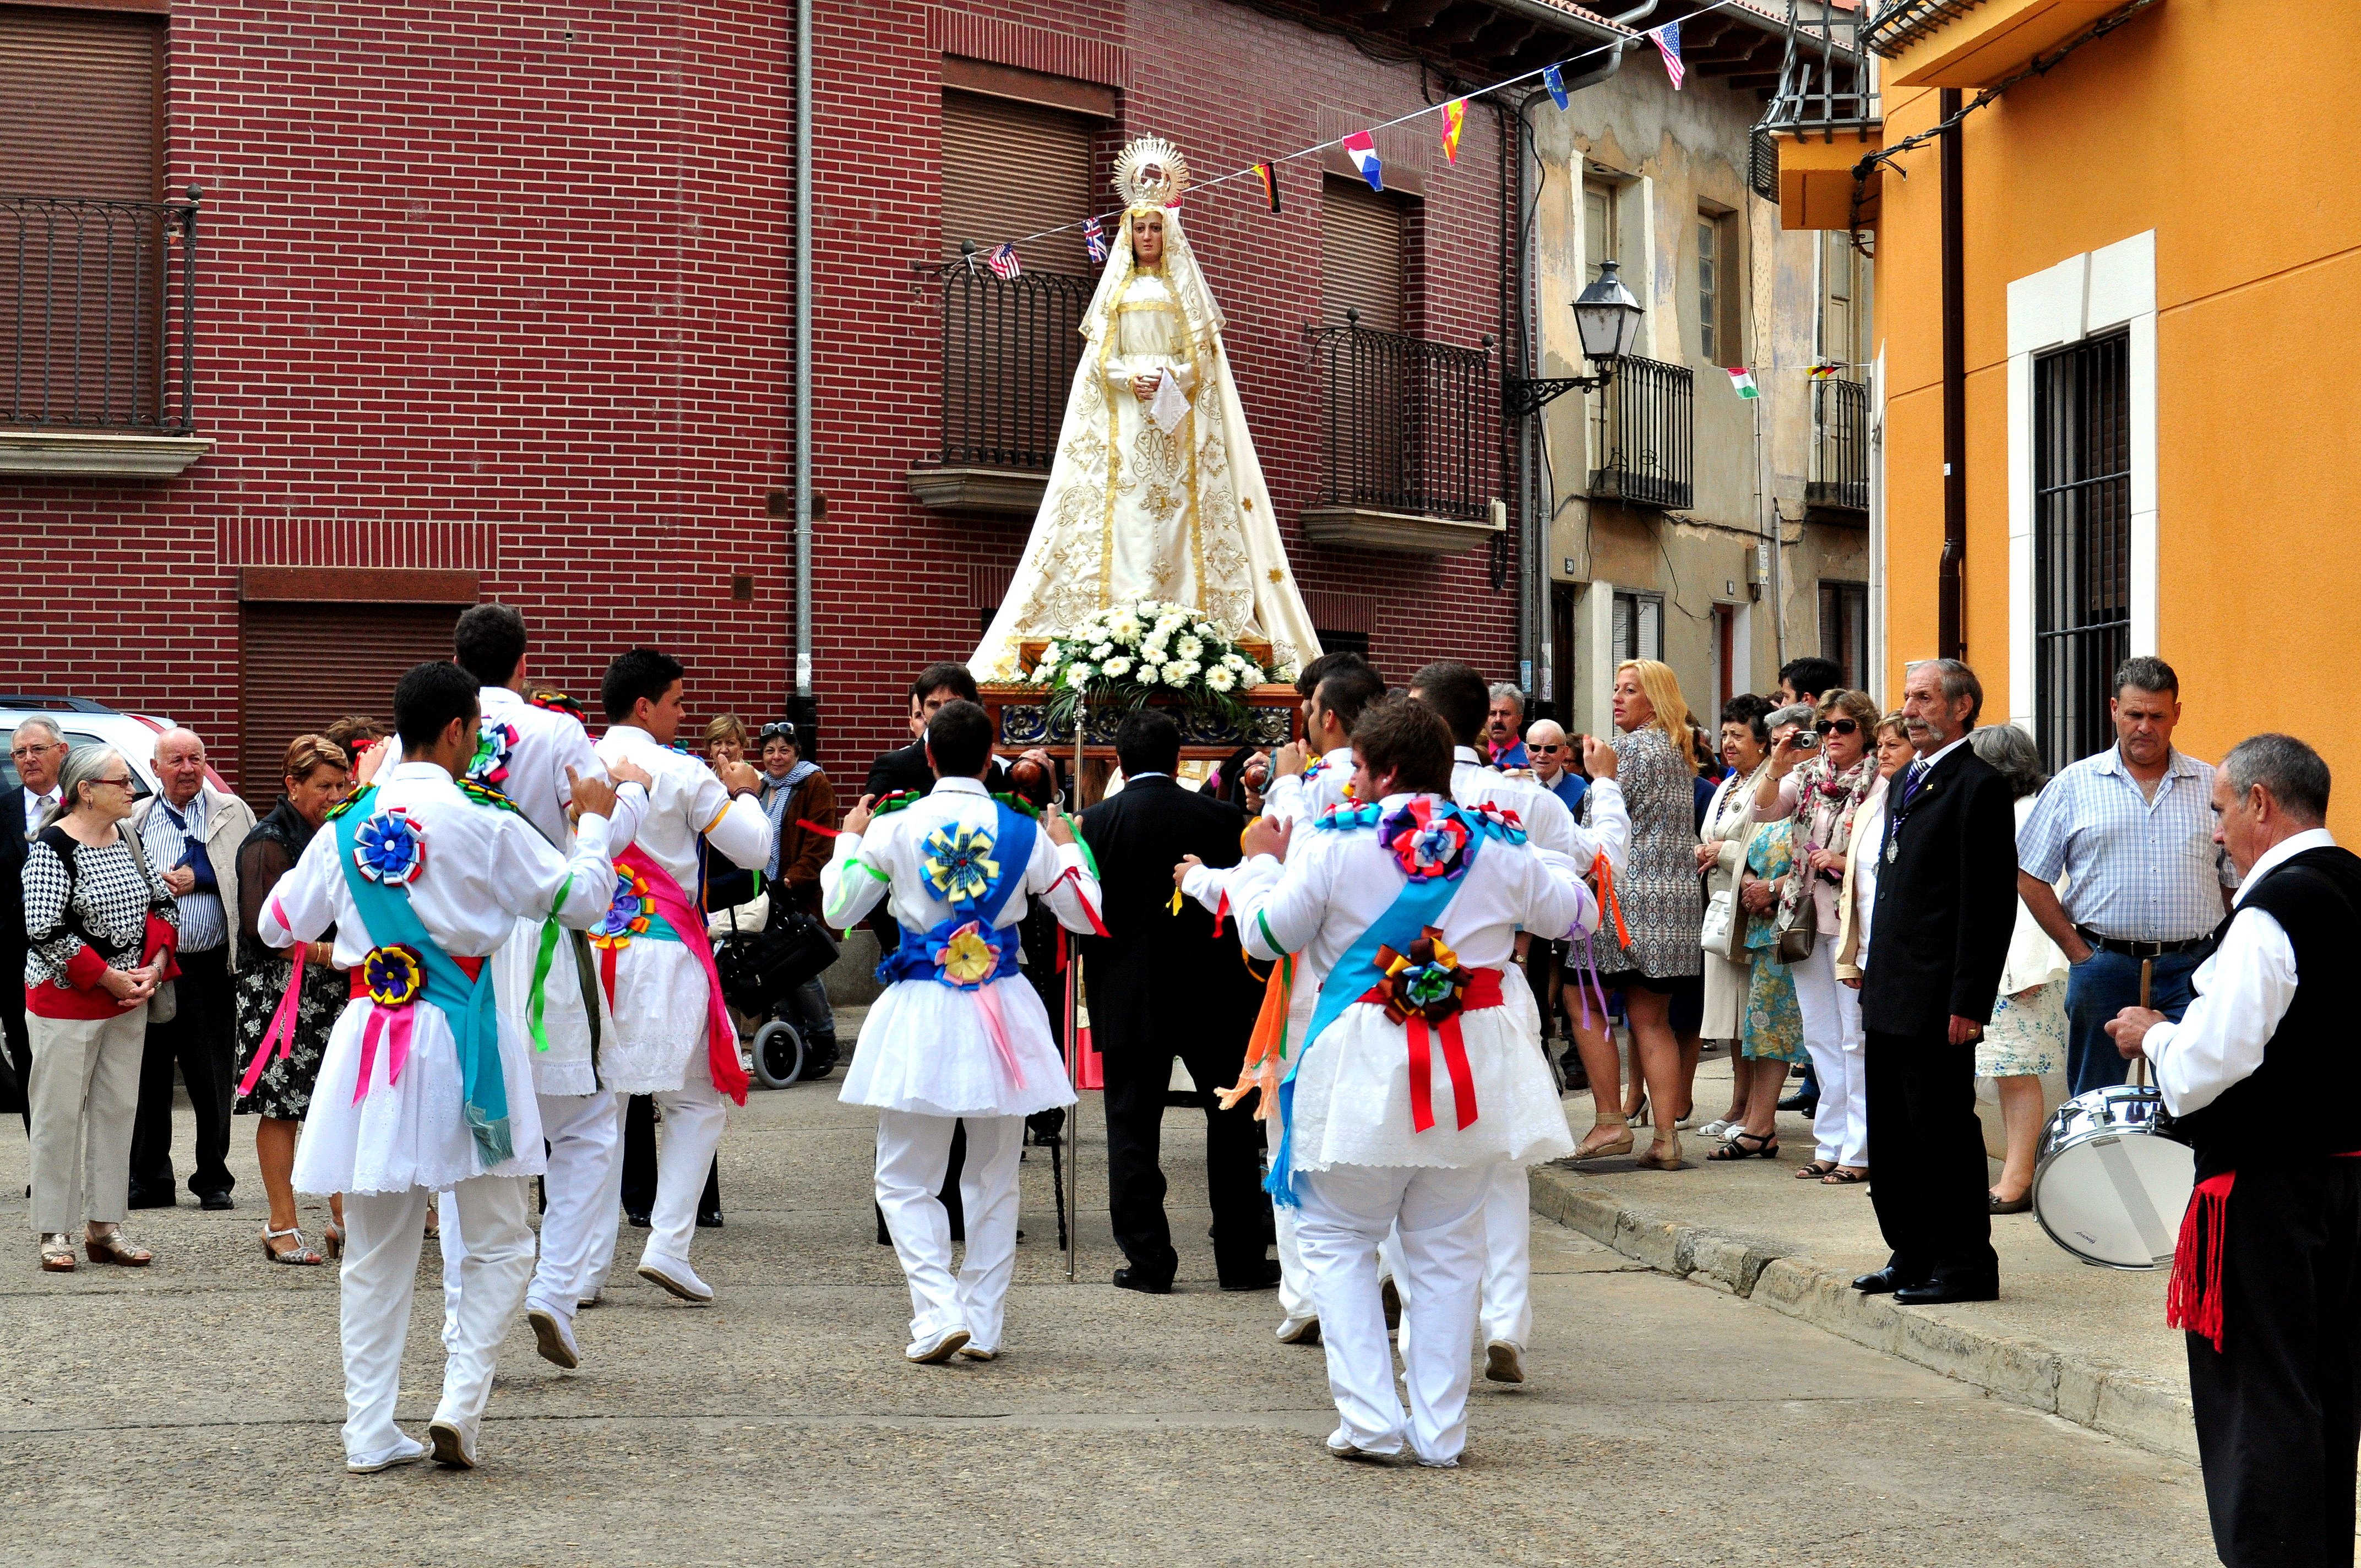 Danzantes de Villamañán ante la Virgen de la Zarza. (Foto David G. López)